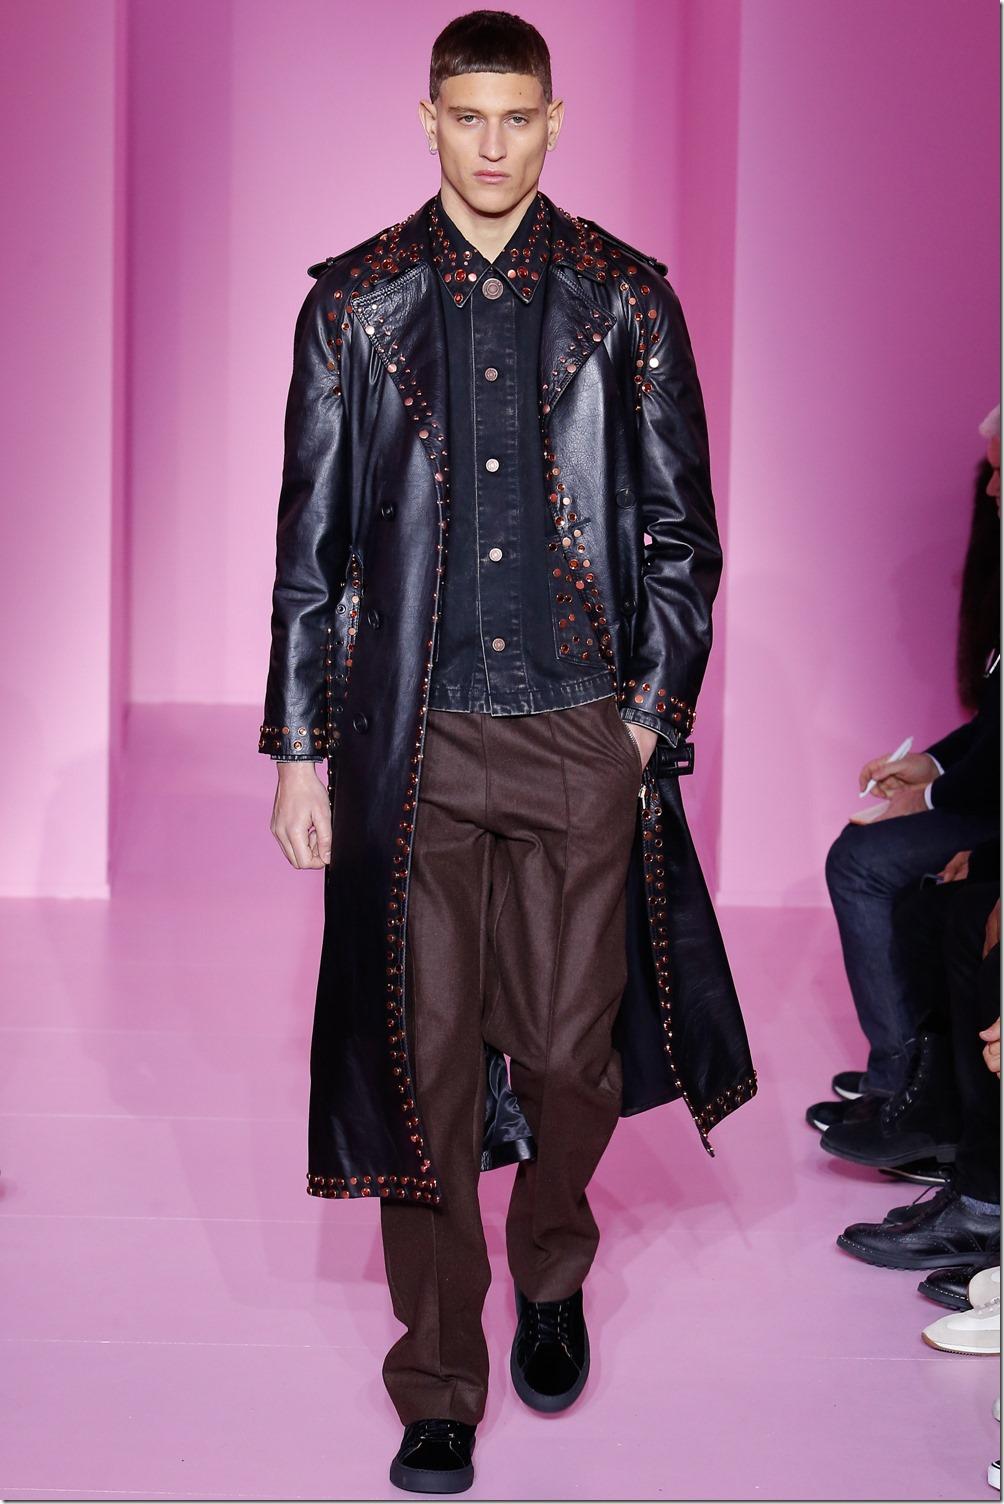 Givenchy Fall 2016 Denim Trends denimsandjeans.com